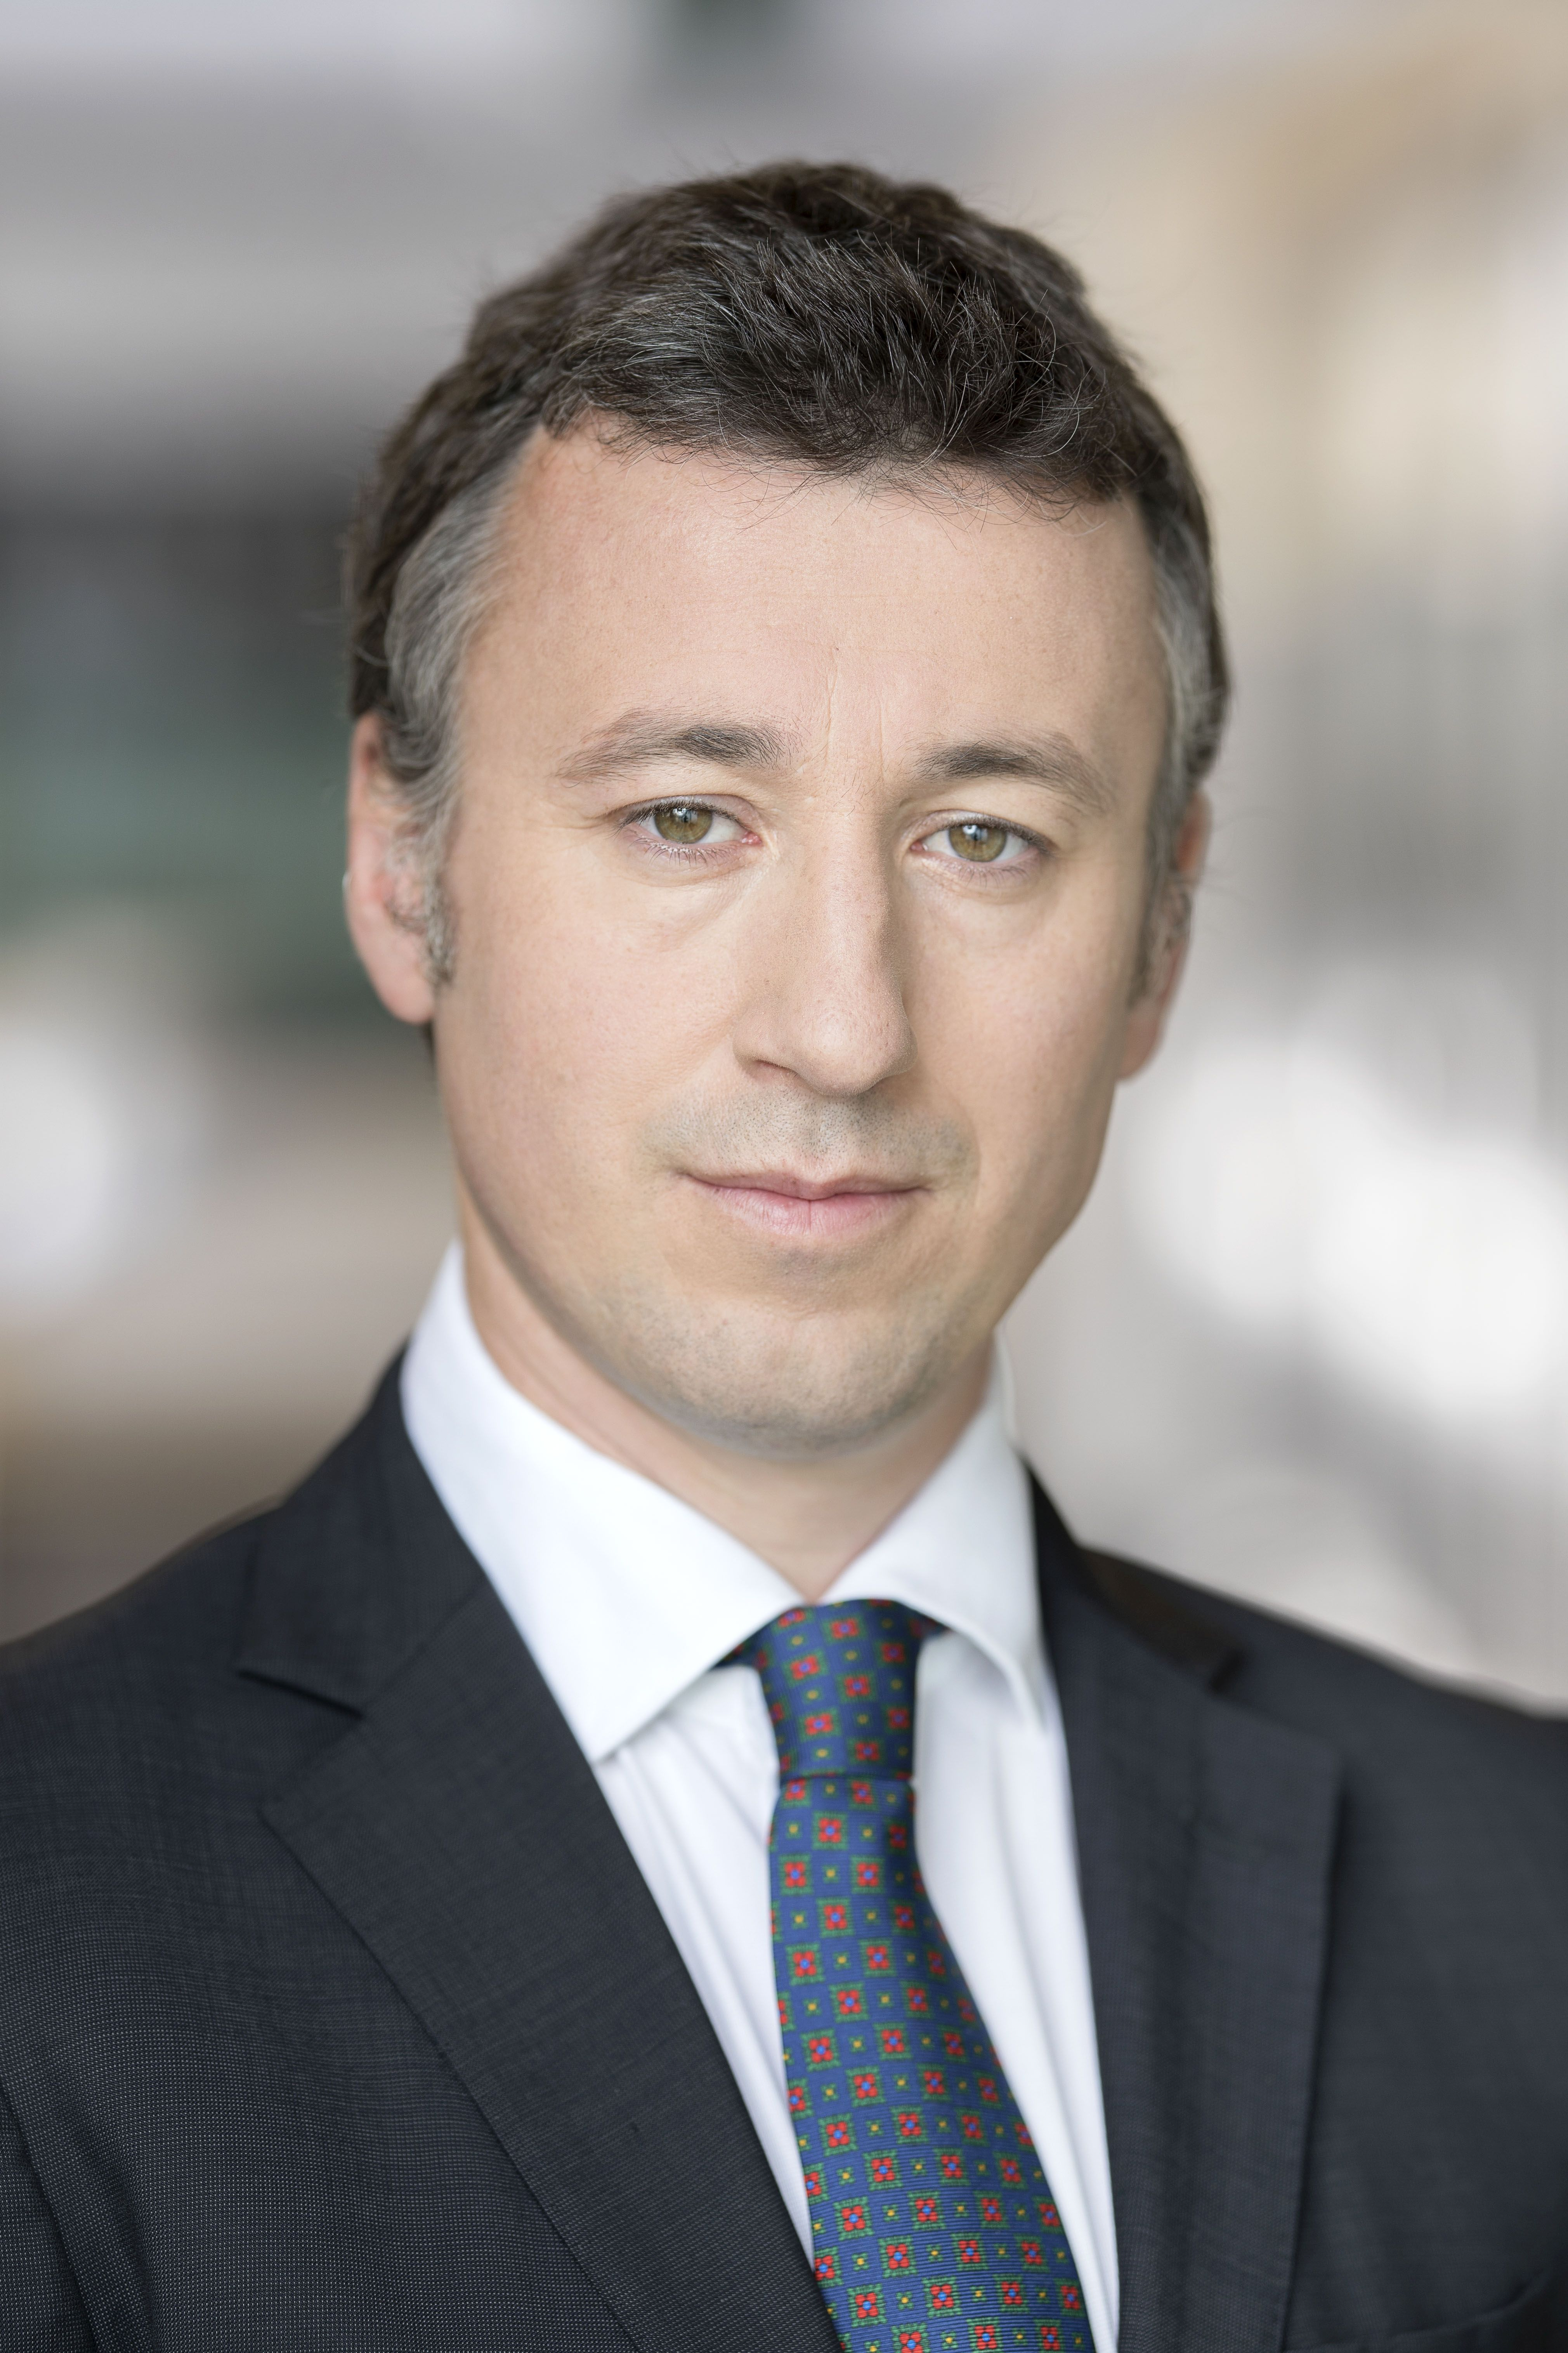 Generalnie wrogie przejęcia co do zasady dotyczą spółek giełdowych, zwłaszcza tych o rozproszonym akcjonariacie - mówi Ryszard Manteuffel (fot. Deloitte)